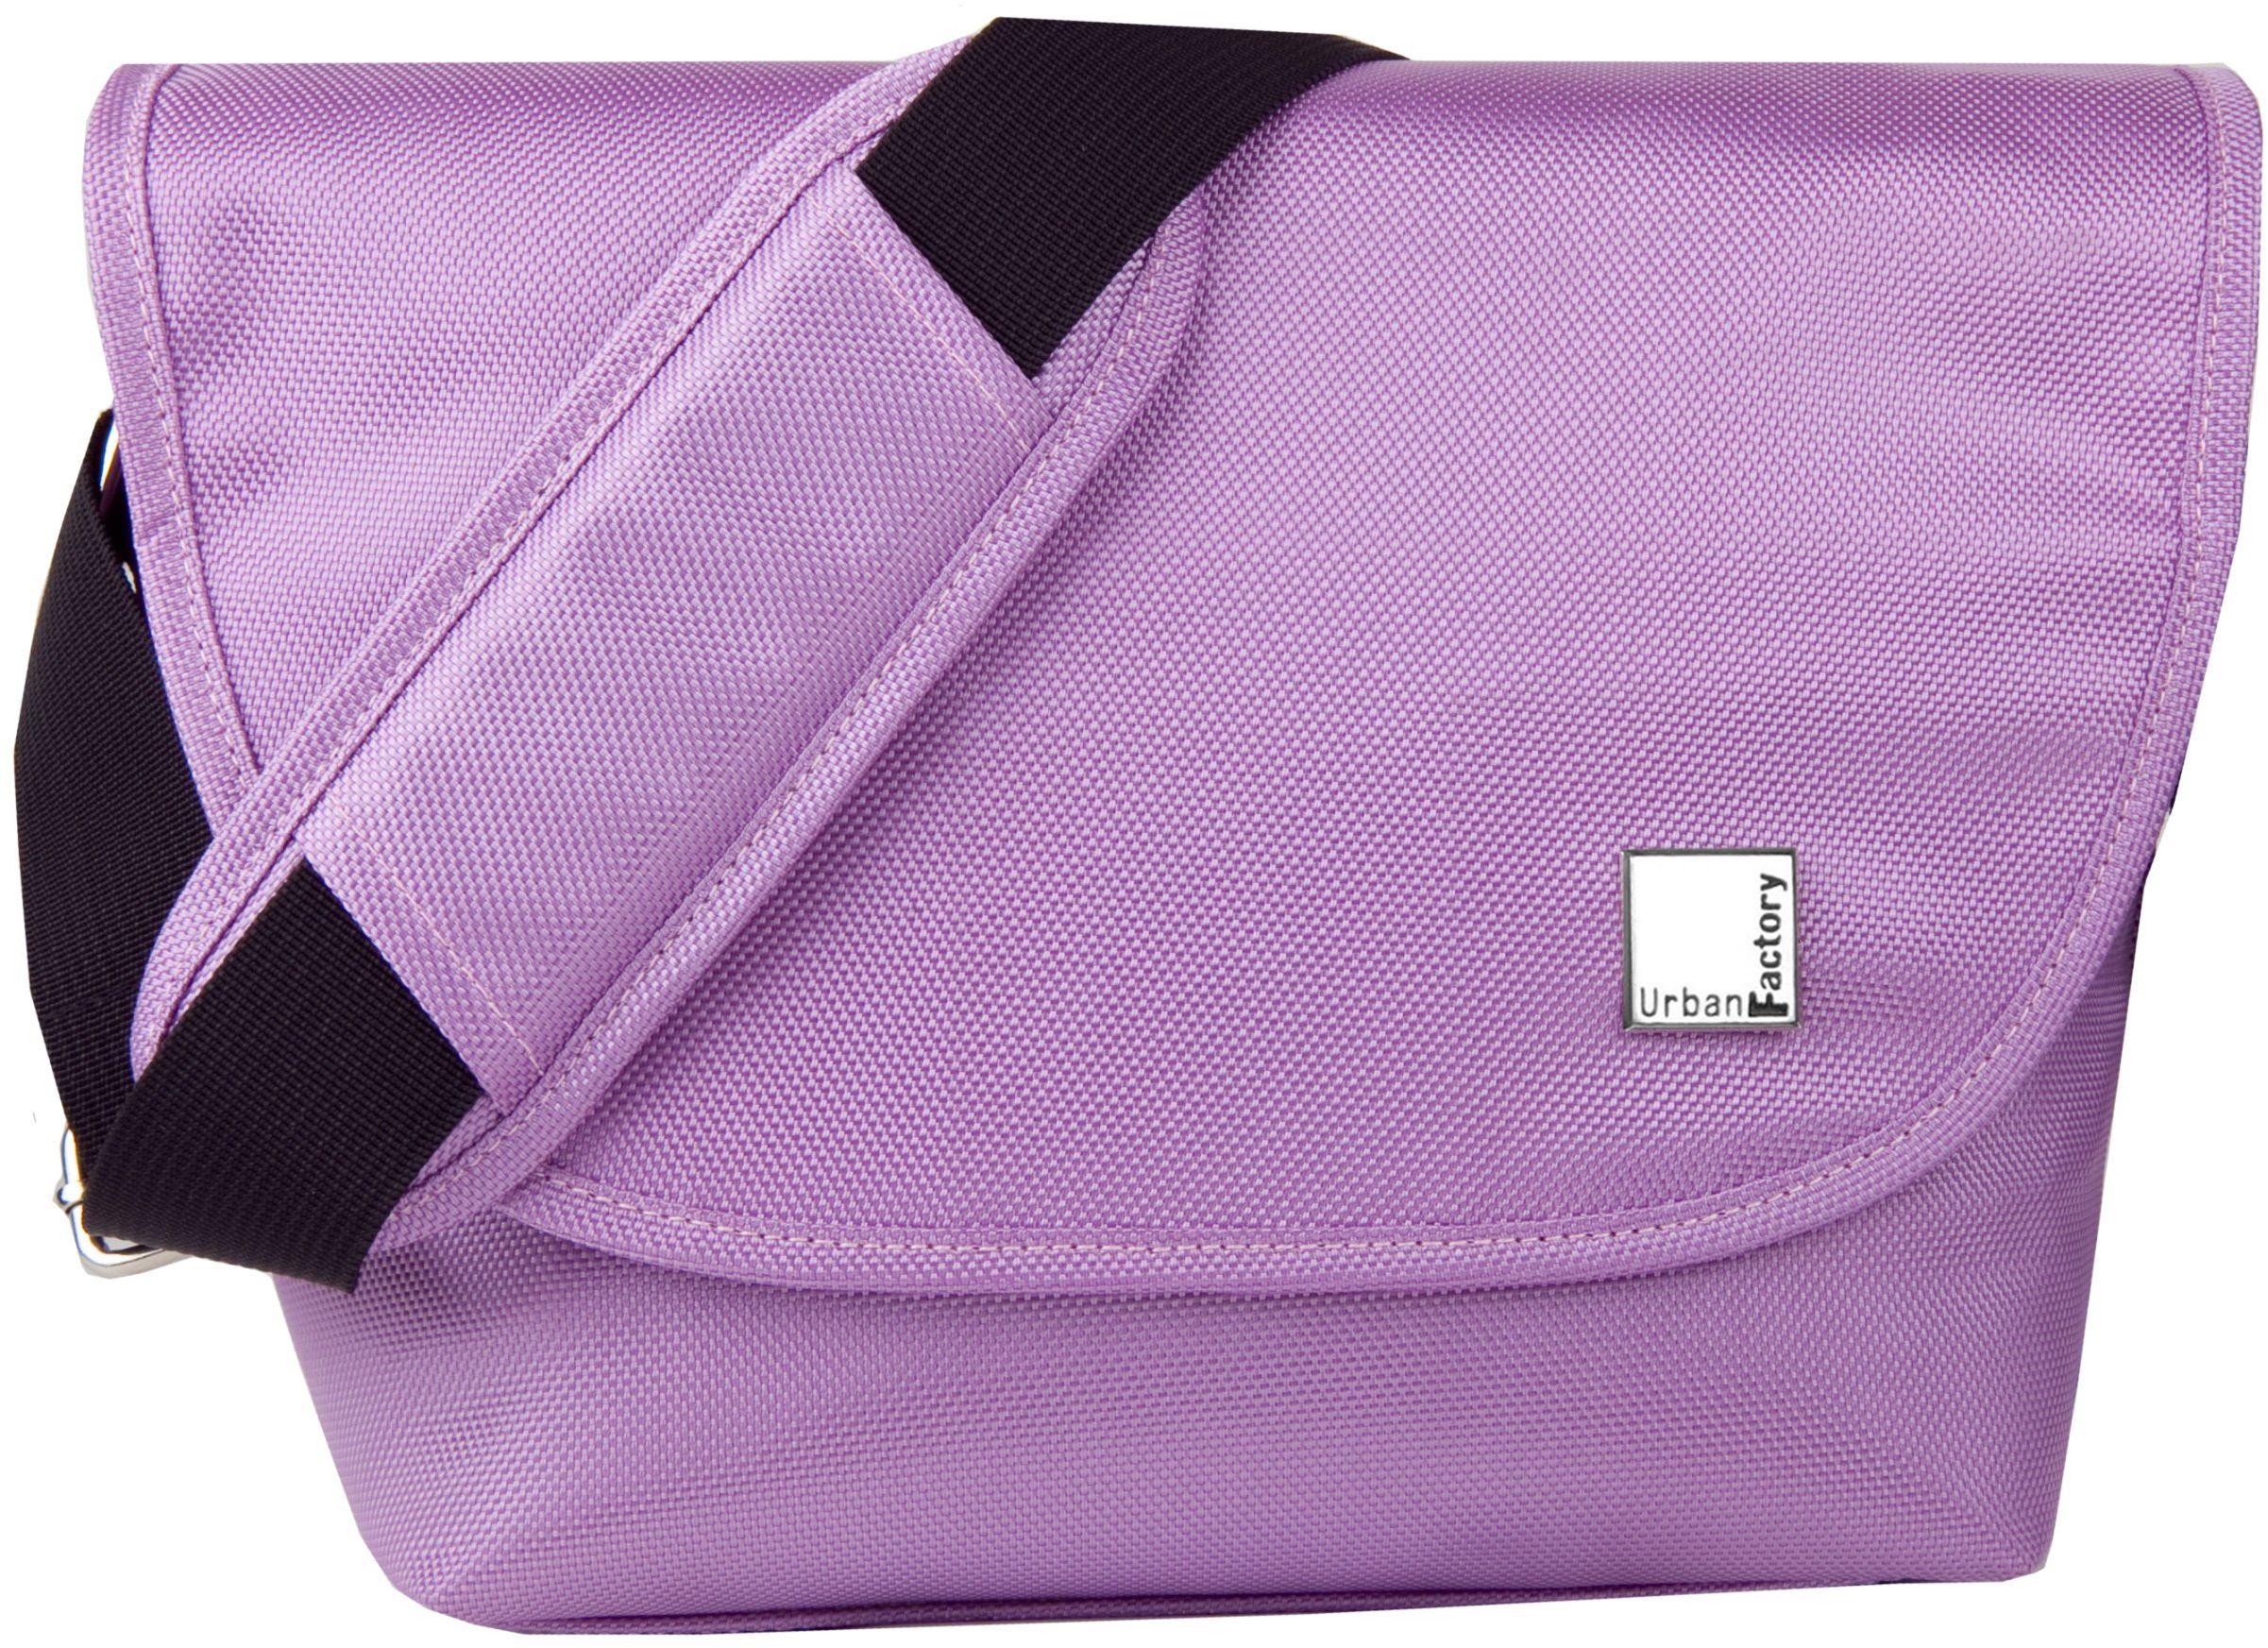 Urban Factory BCR07UF torba na aparat/walizka, zielona, fioletowa  torba na aparat (pokrowiec kurierski, uniwersalny, pasek na ramię, zielony, fioletowy)